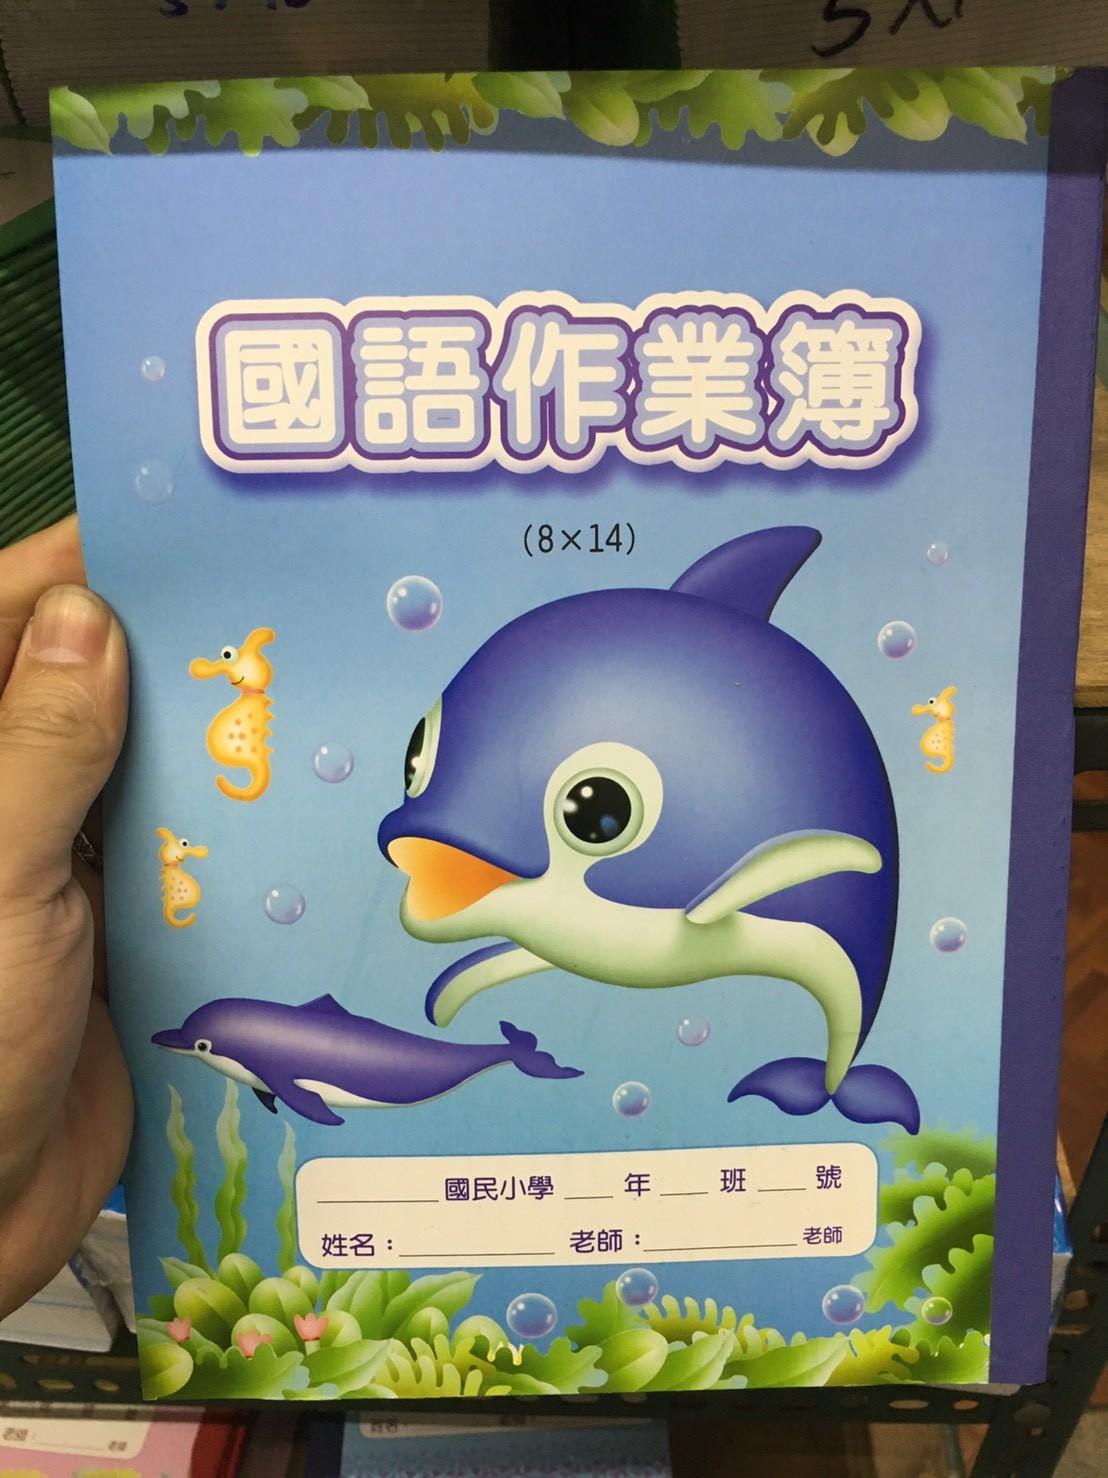 【芥菜籽文具】//國榮紙品//16K國小國語作業簿AE16201(8*14格)